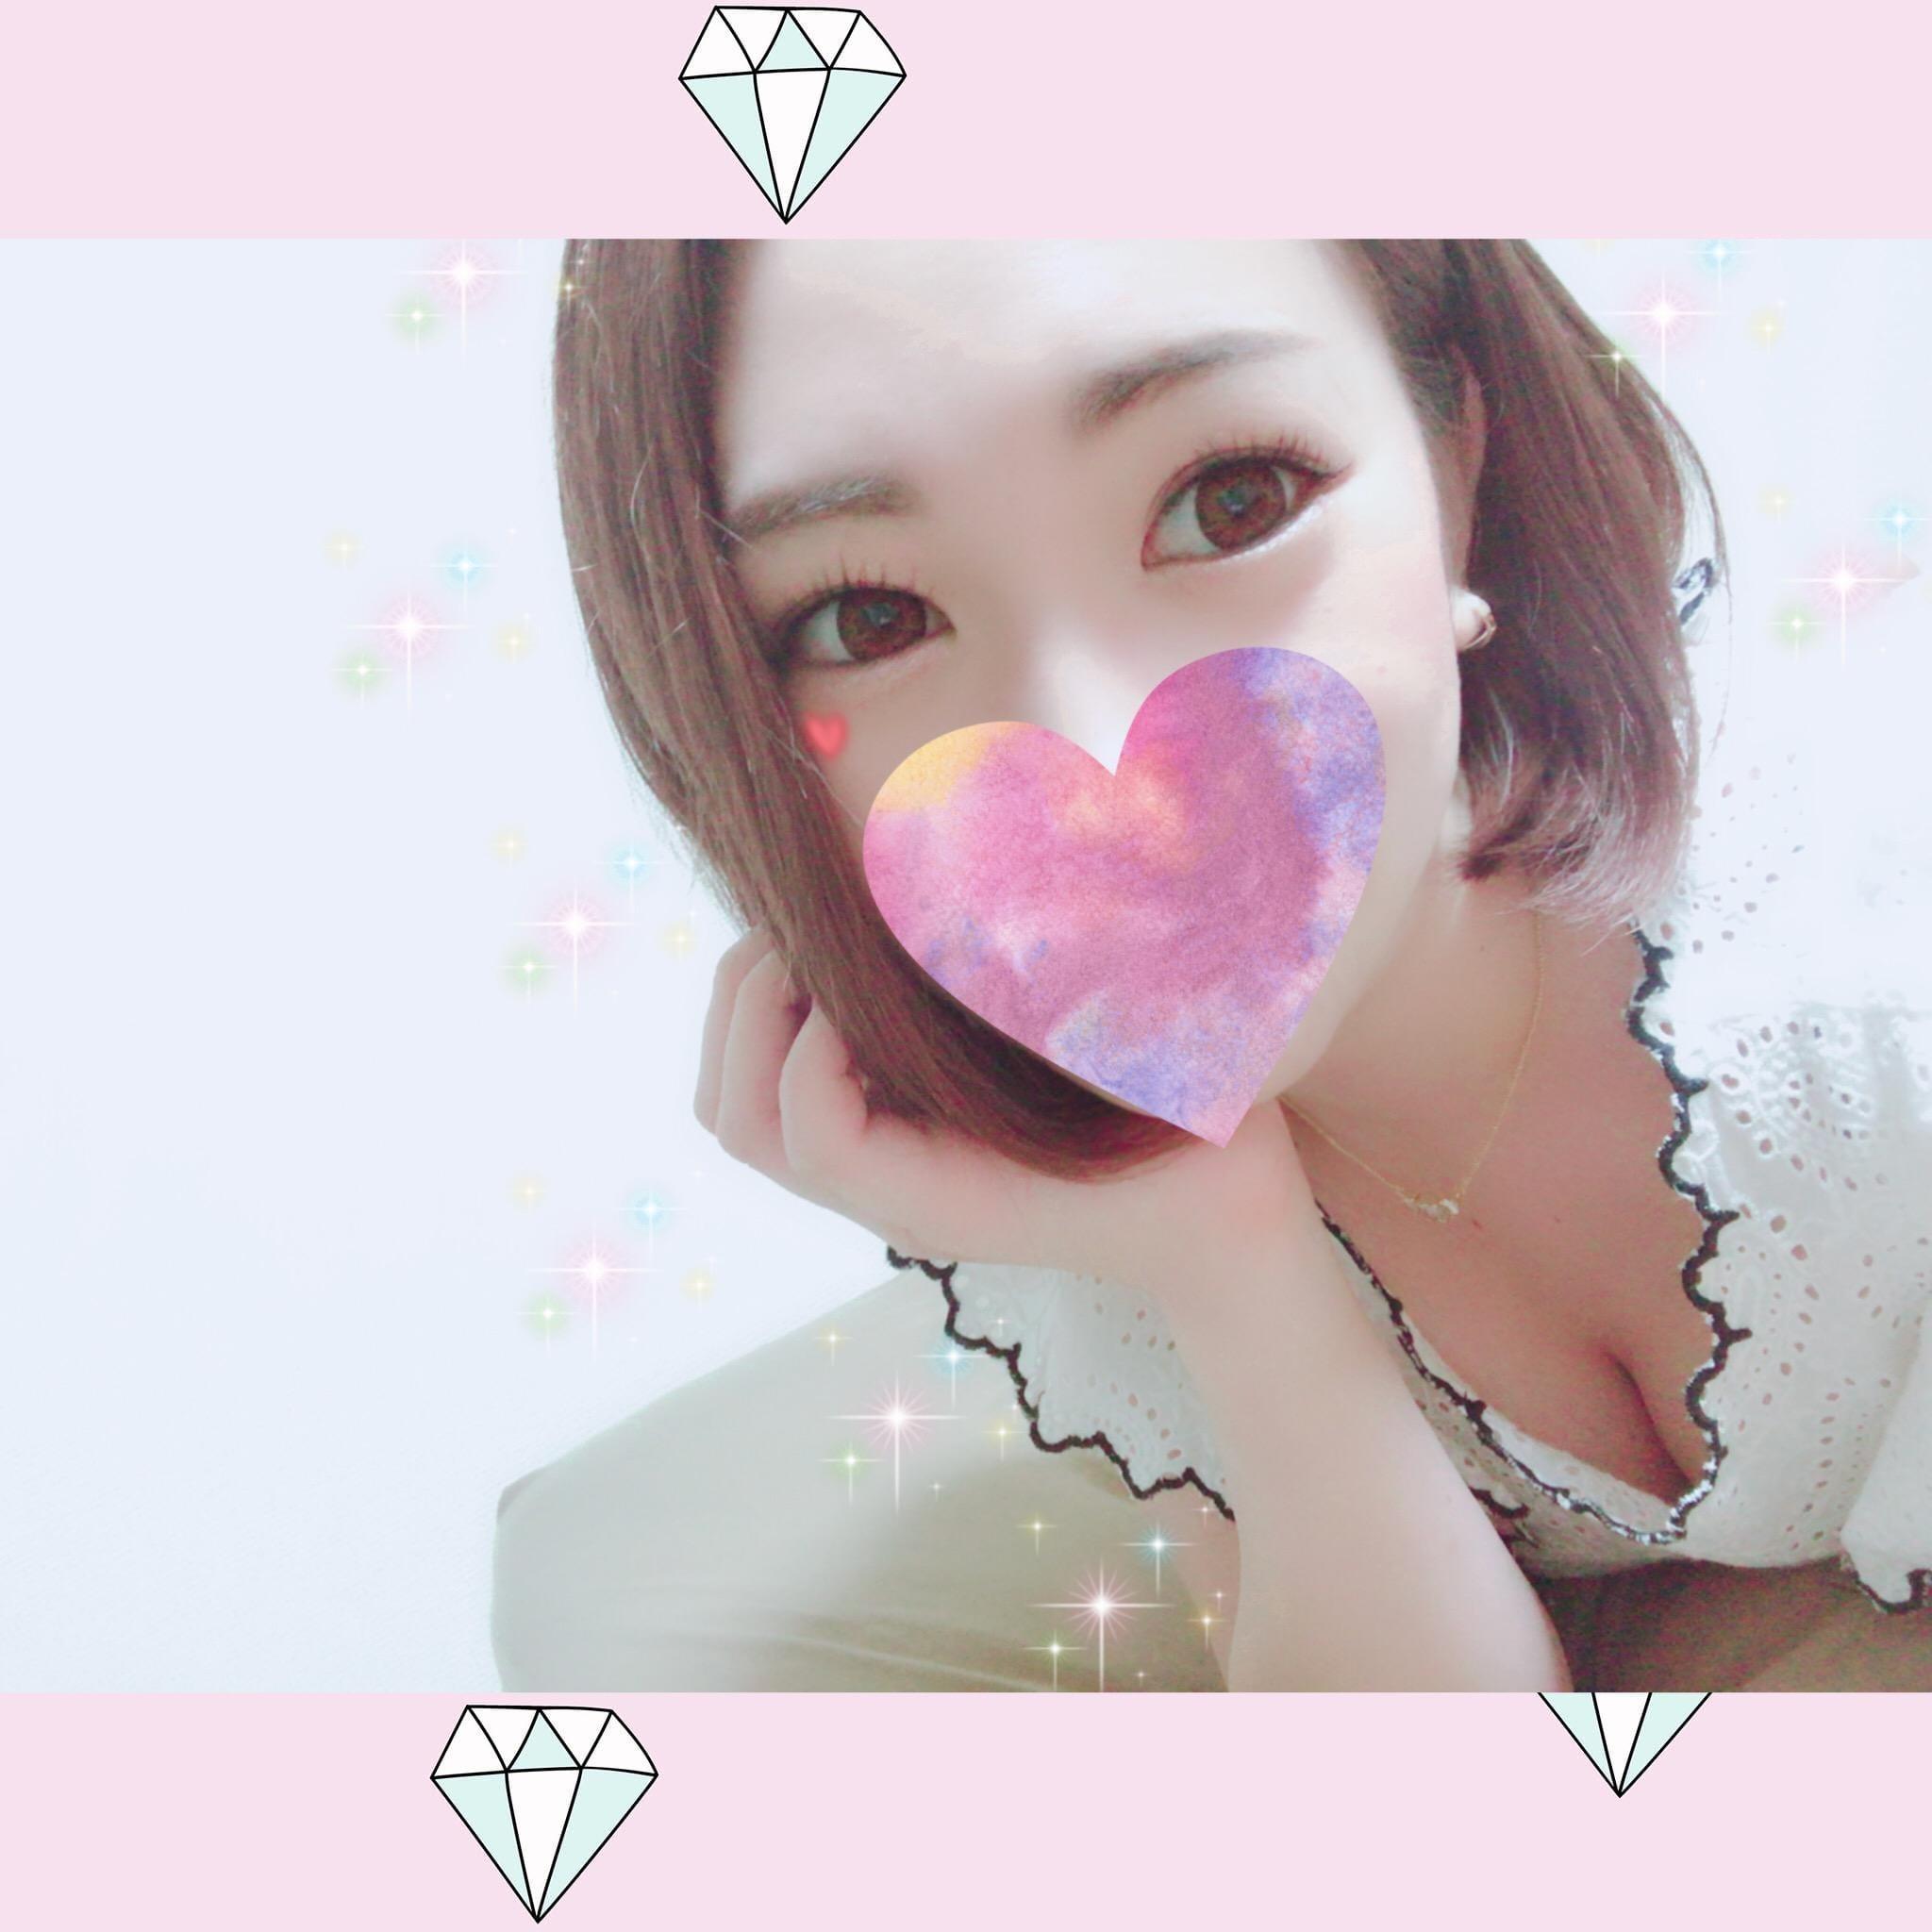 「移動中…♪」07/21(土) 18:09 | なつきの写メ・風俗動画